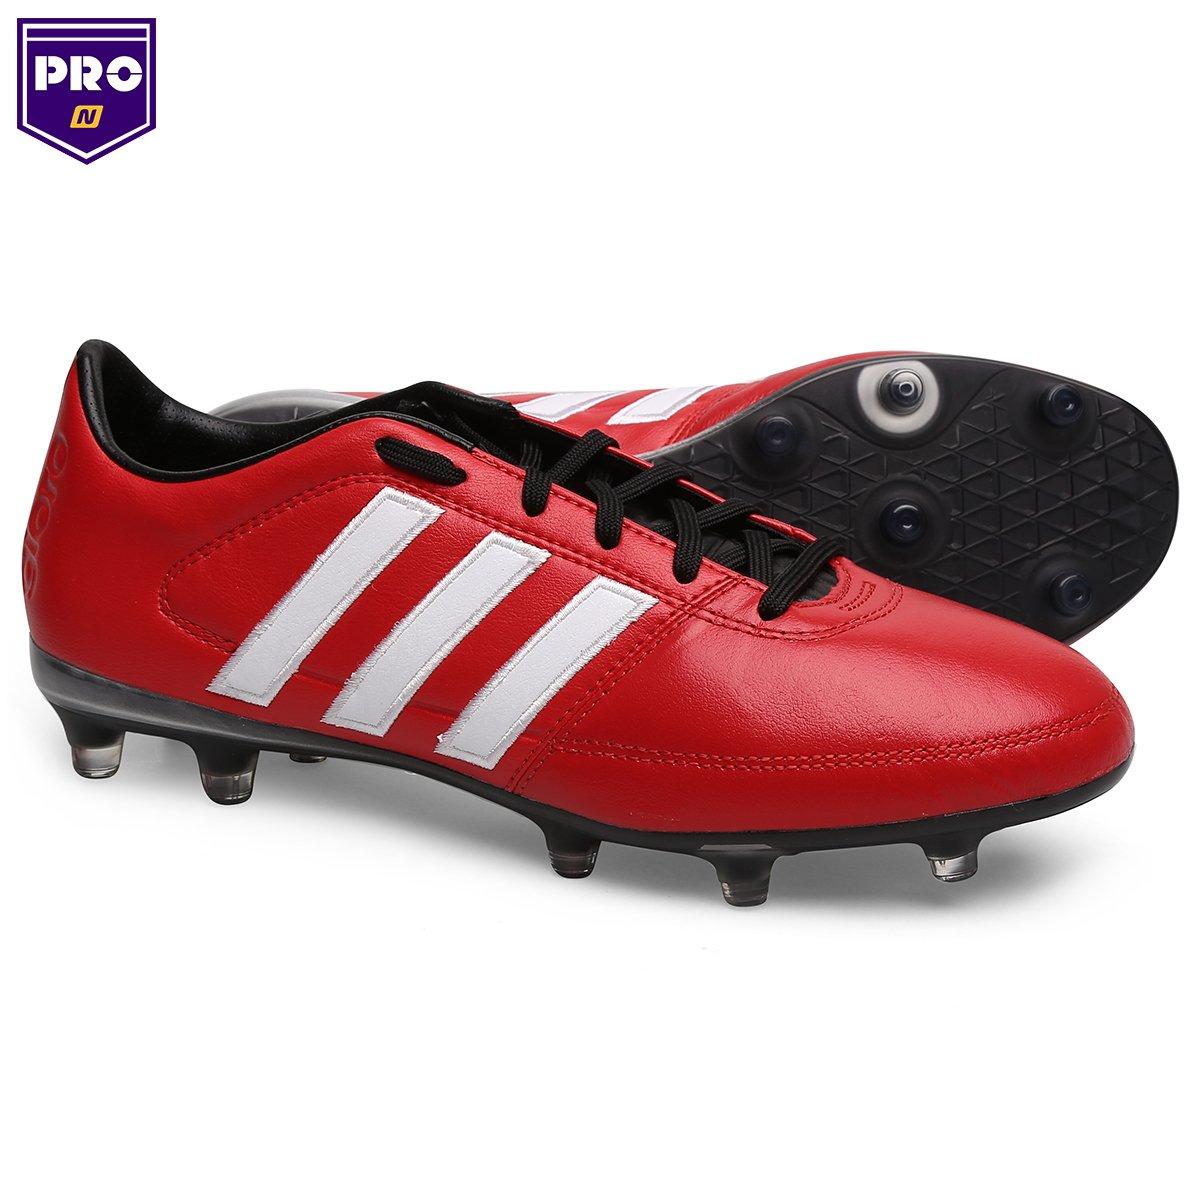 Chuteira Campo Adidas Gloro 16.1 FG Masculina - Compre Agora  8a3efa32546d2